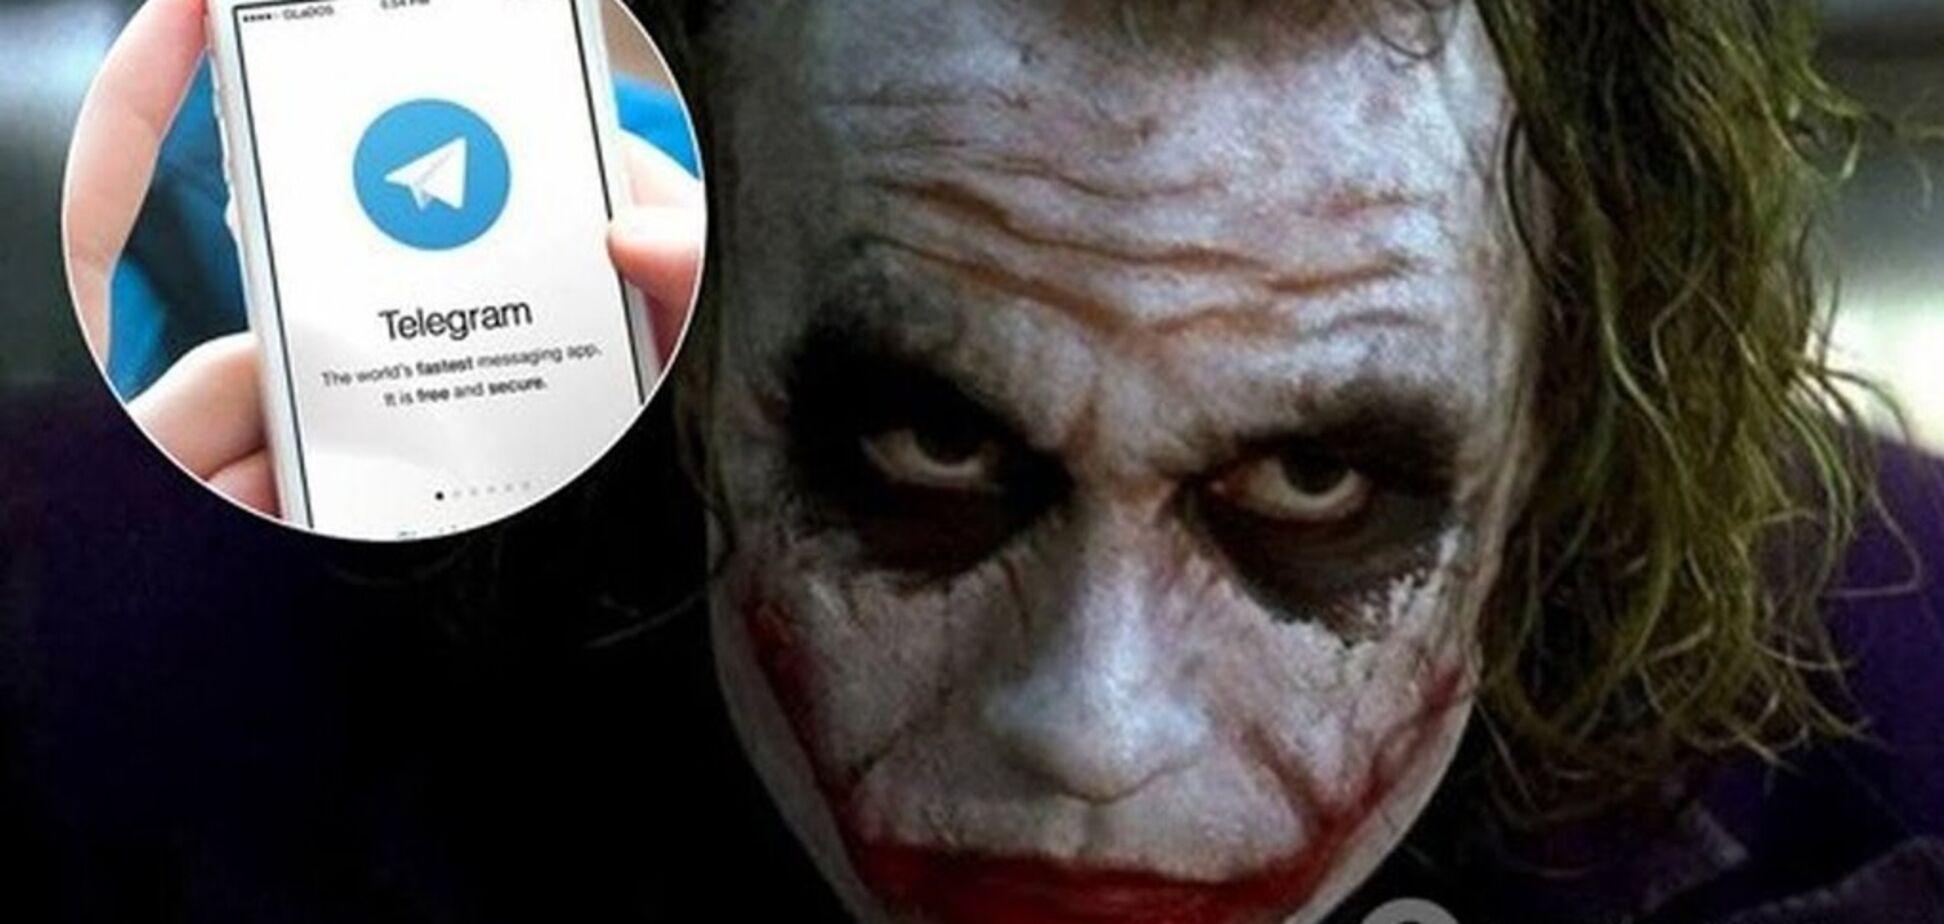 Пранкер Джокер має компромат: політиків чекають скандали